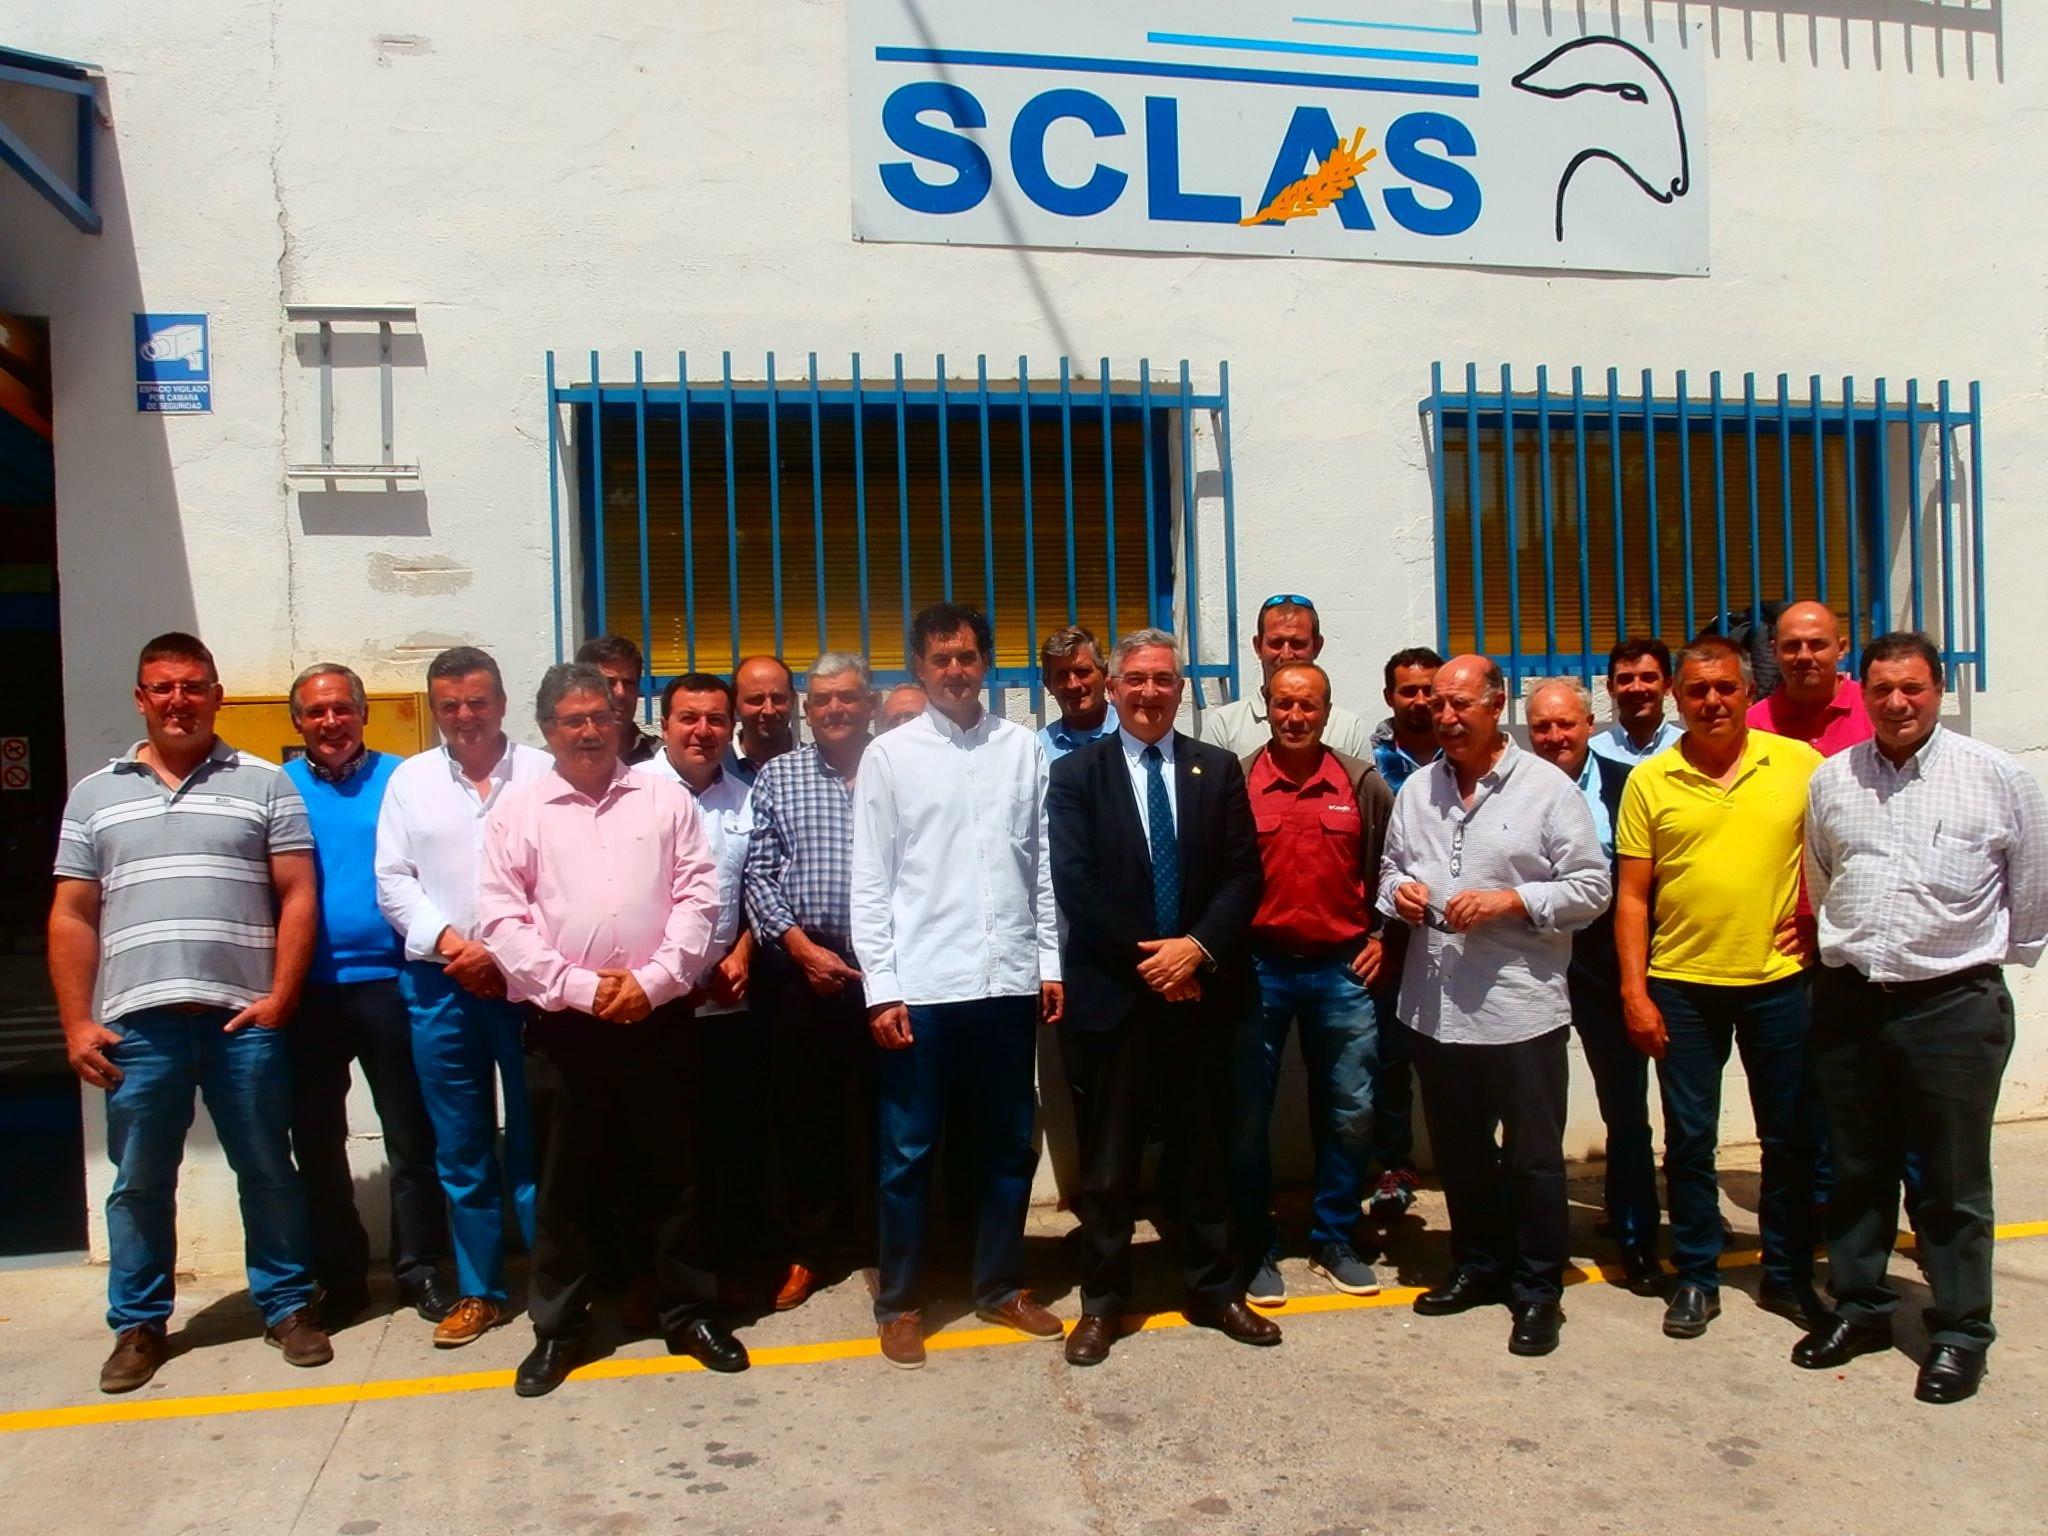 Olona asiste a la asamblea general de SCLAS